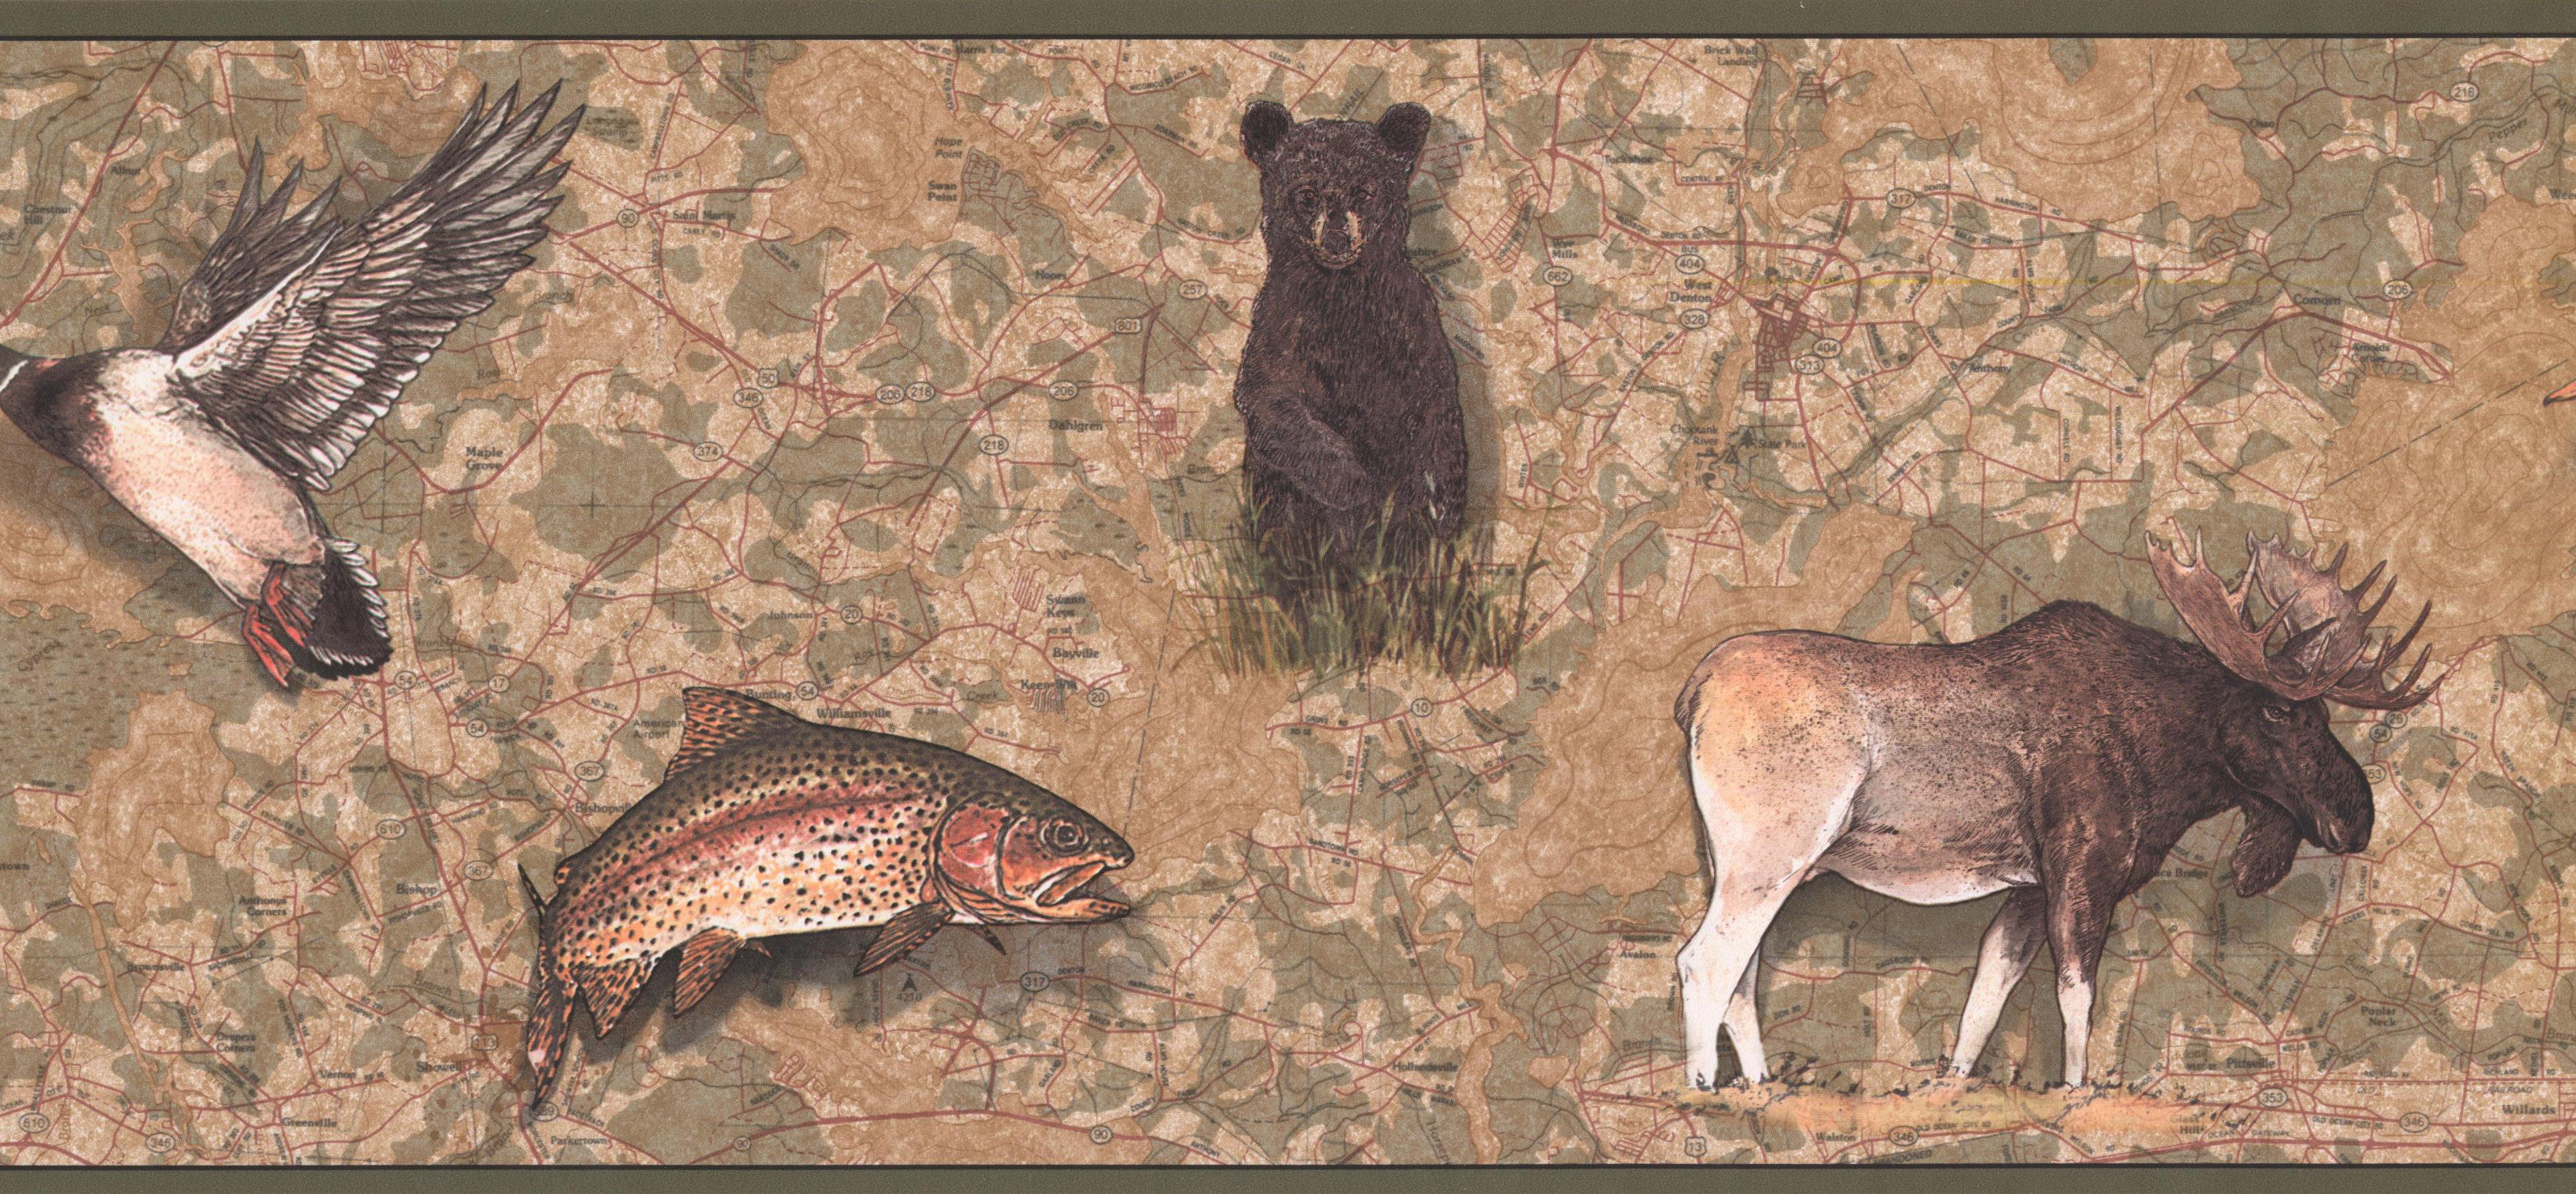 bordeR,Wall decor BEARS FISH AND MOOSE IN FRAMES HUNTING SEASON Wallpaper